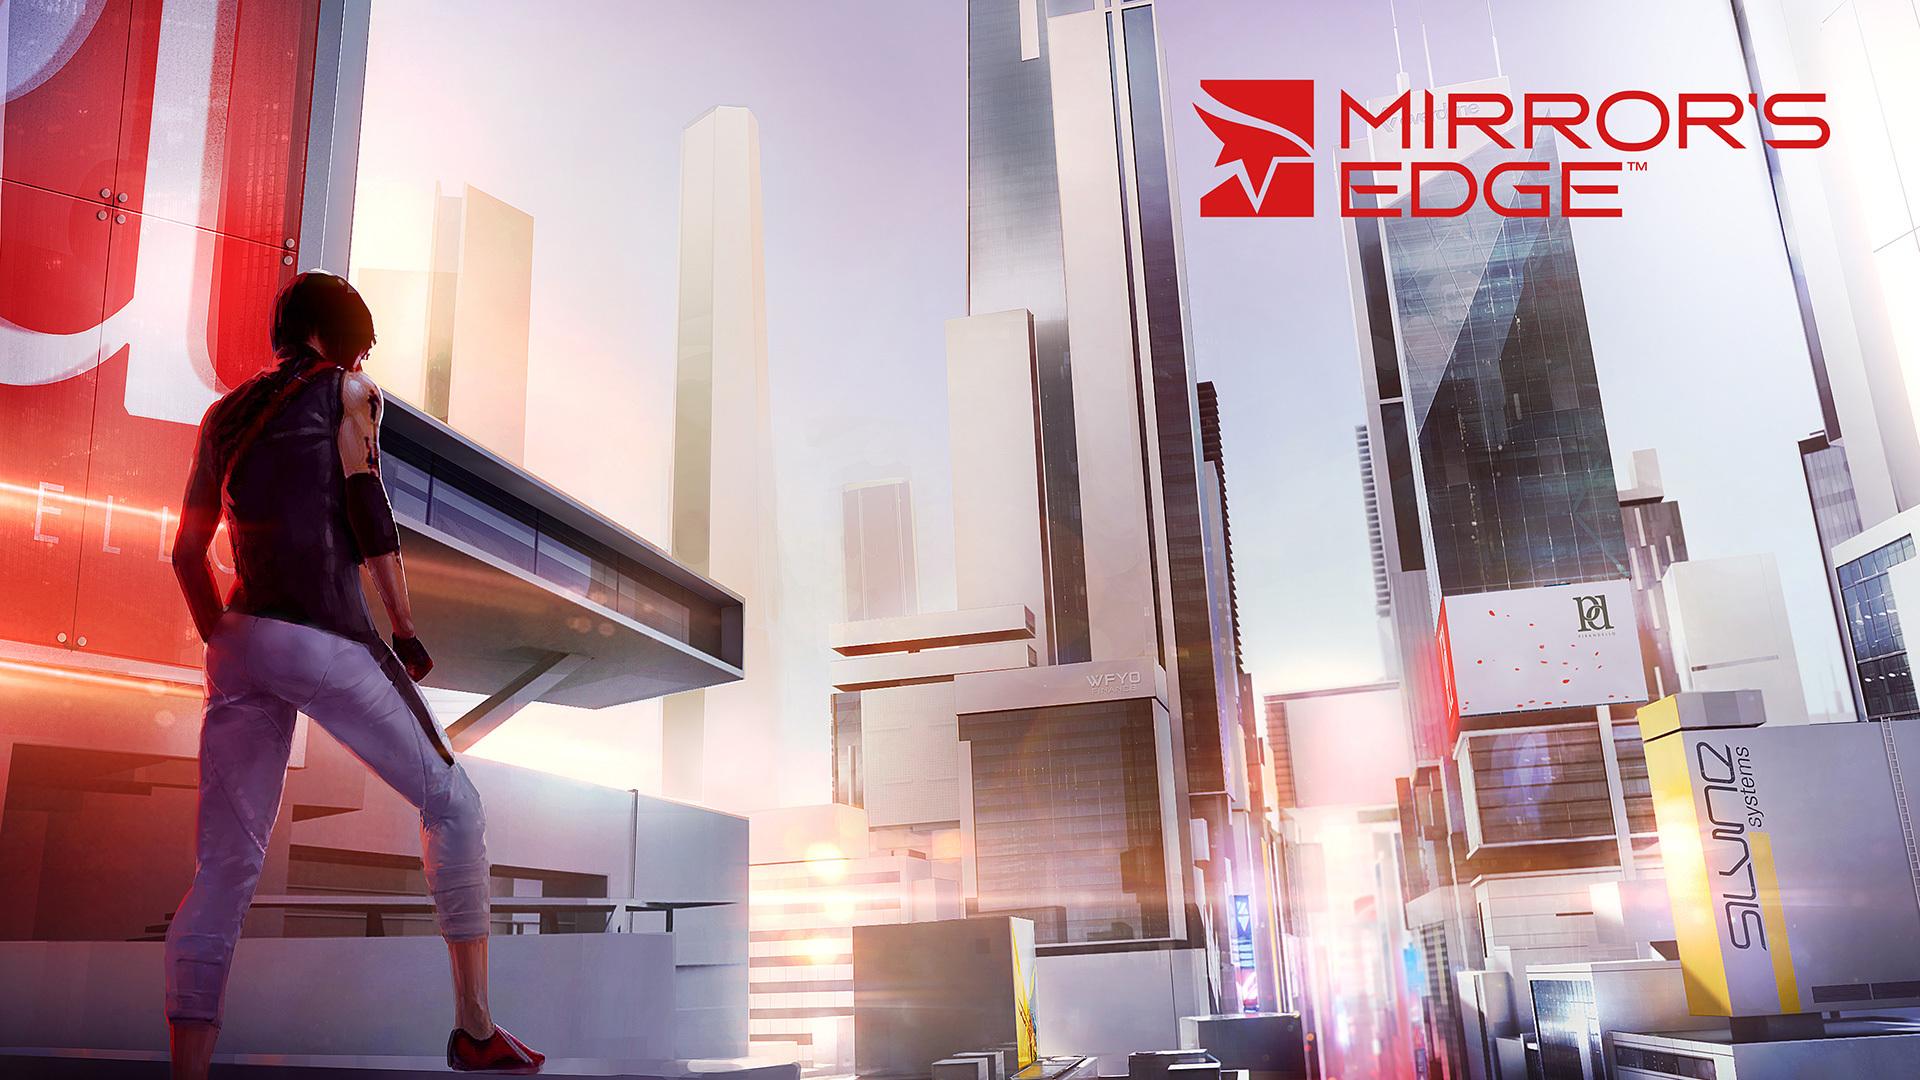 《镜之边缘:催化剂》宣布发售延期